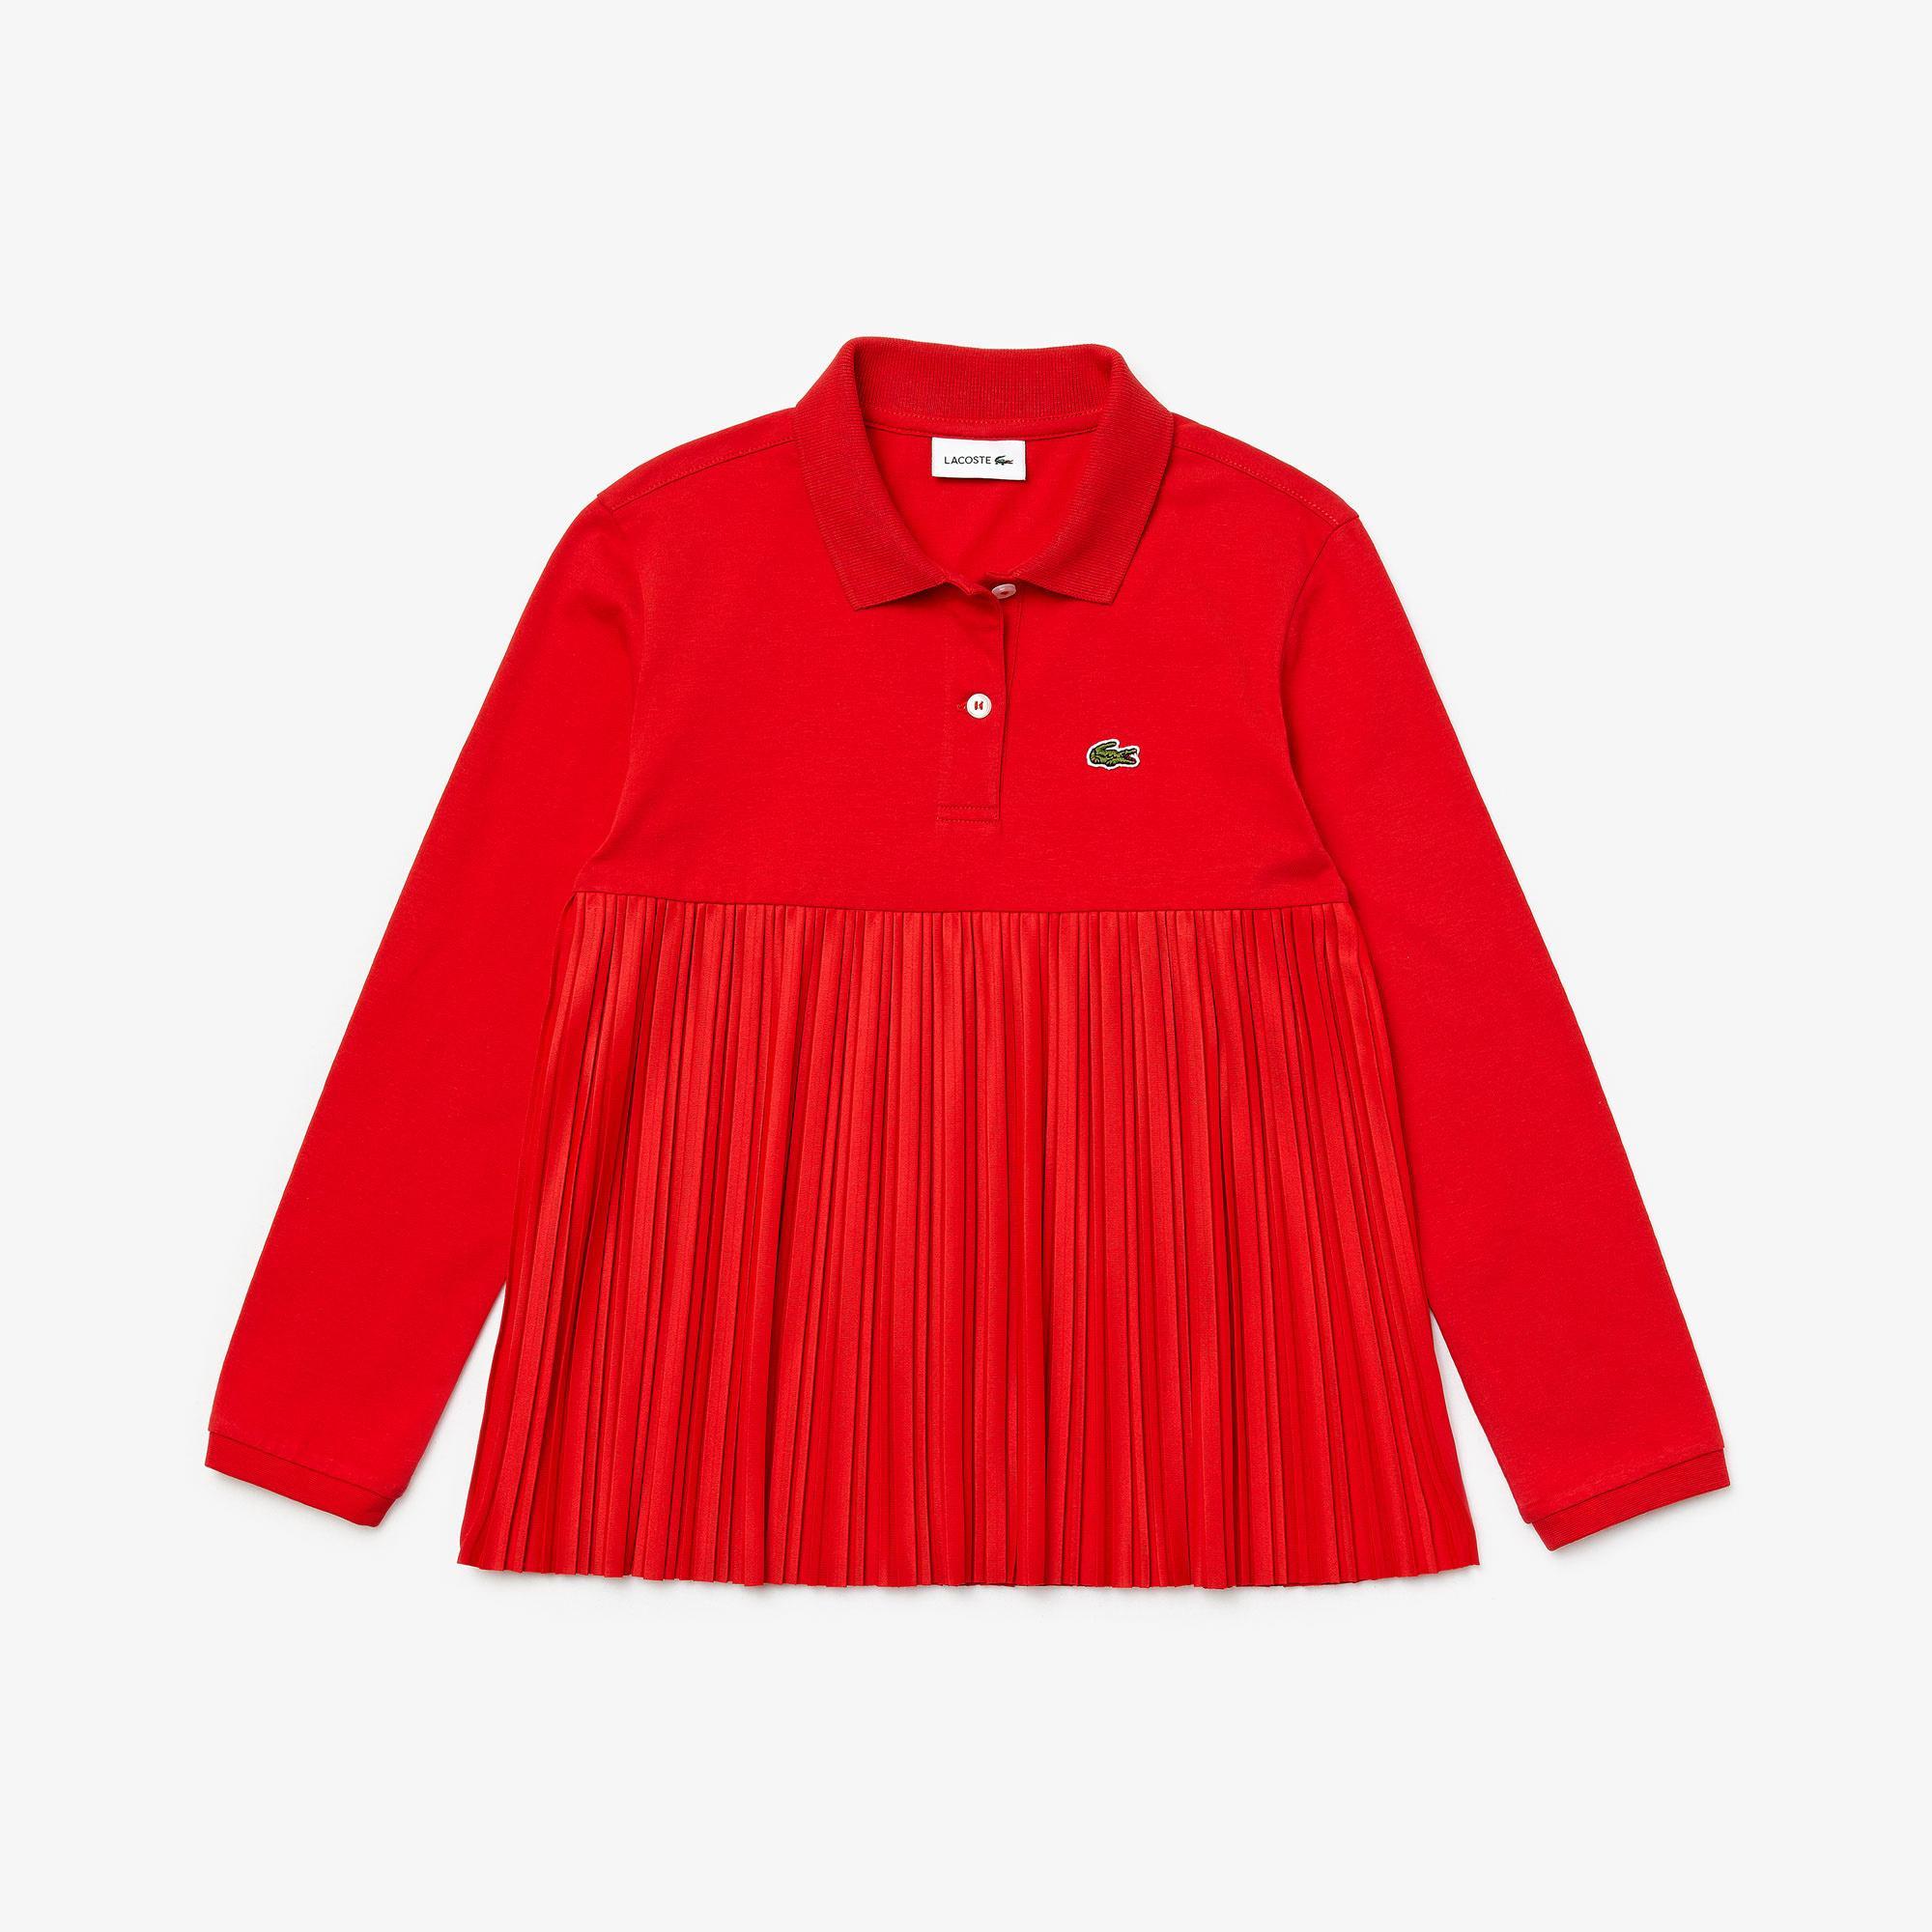 Lacoste Çocuk Uzun Kollu Pileli Kırmızı Polo